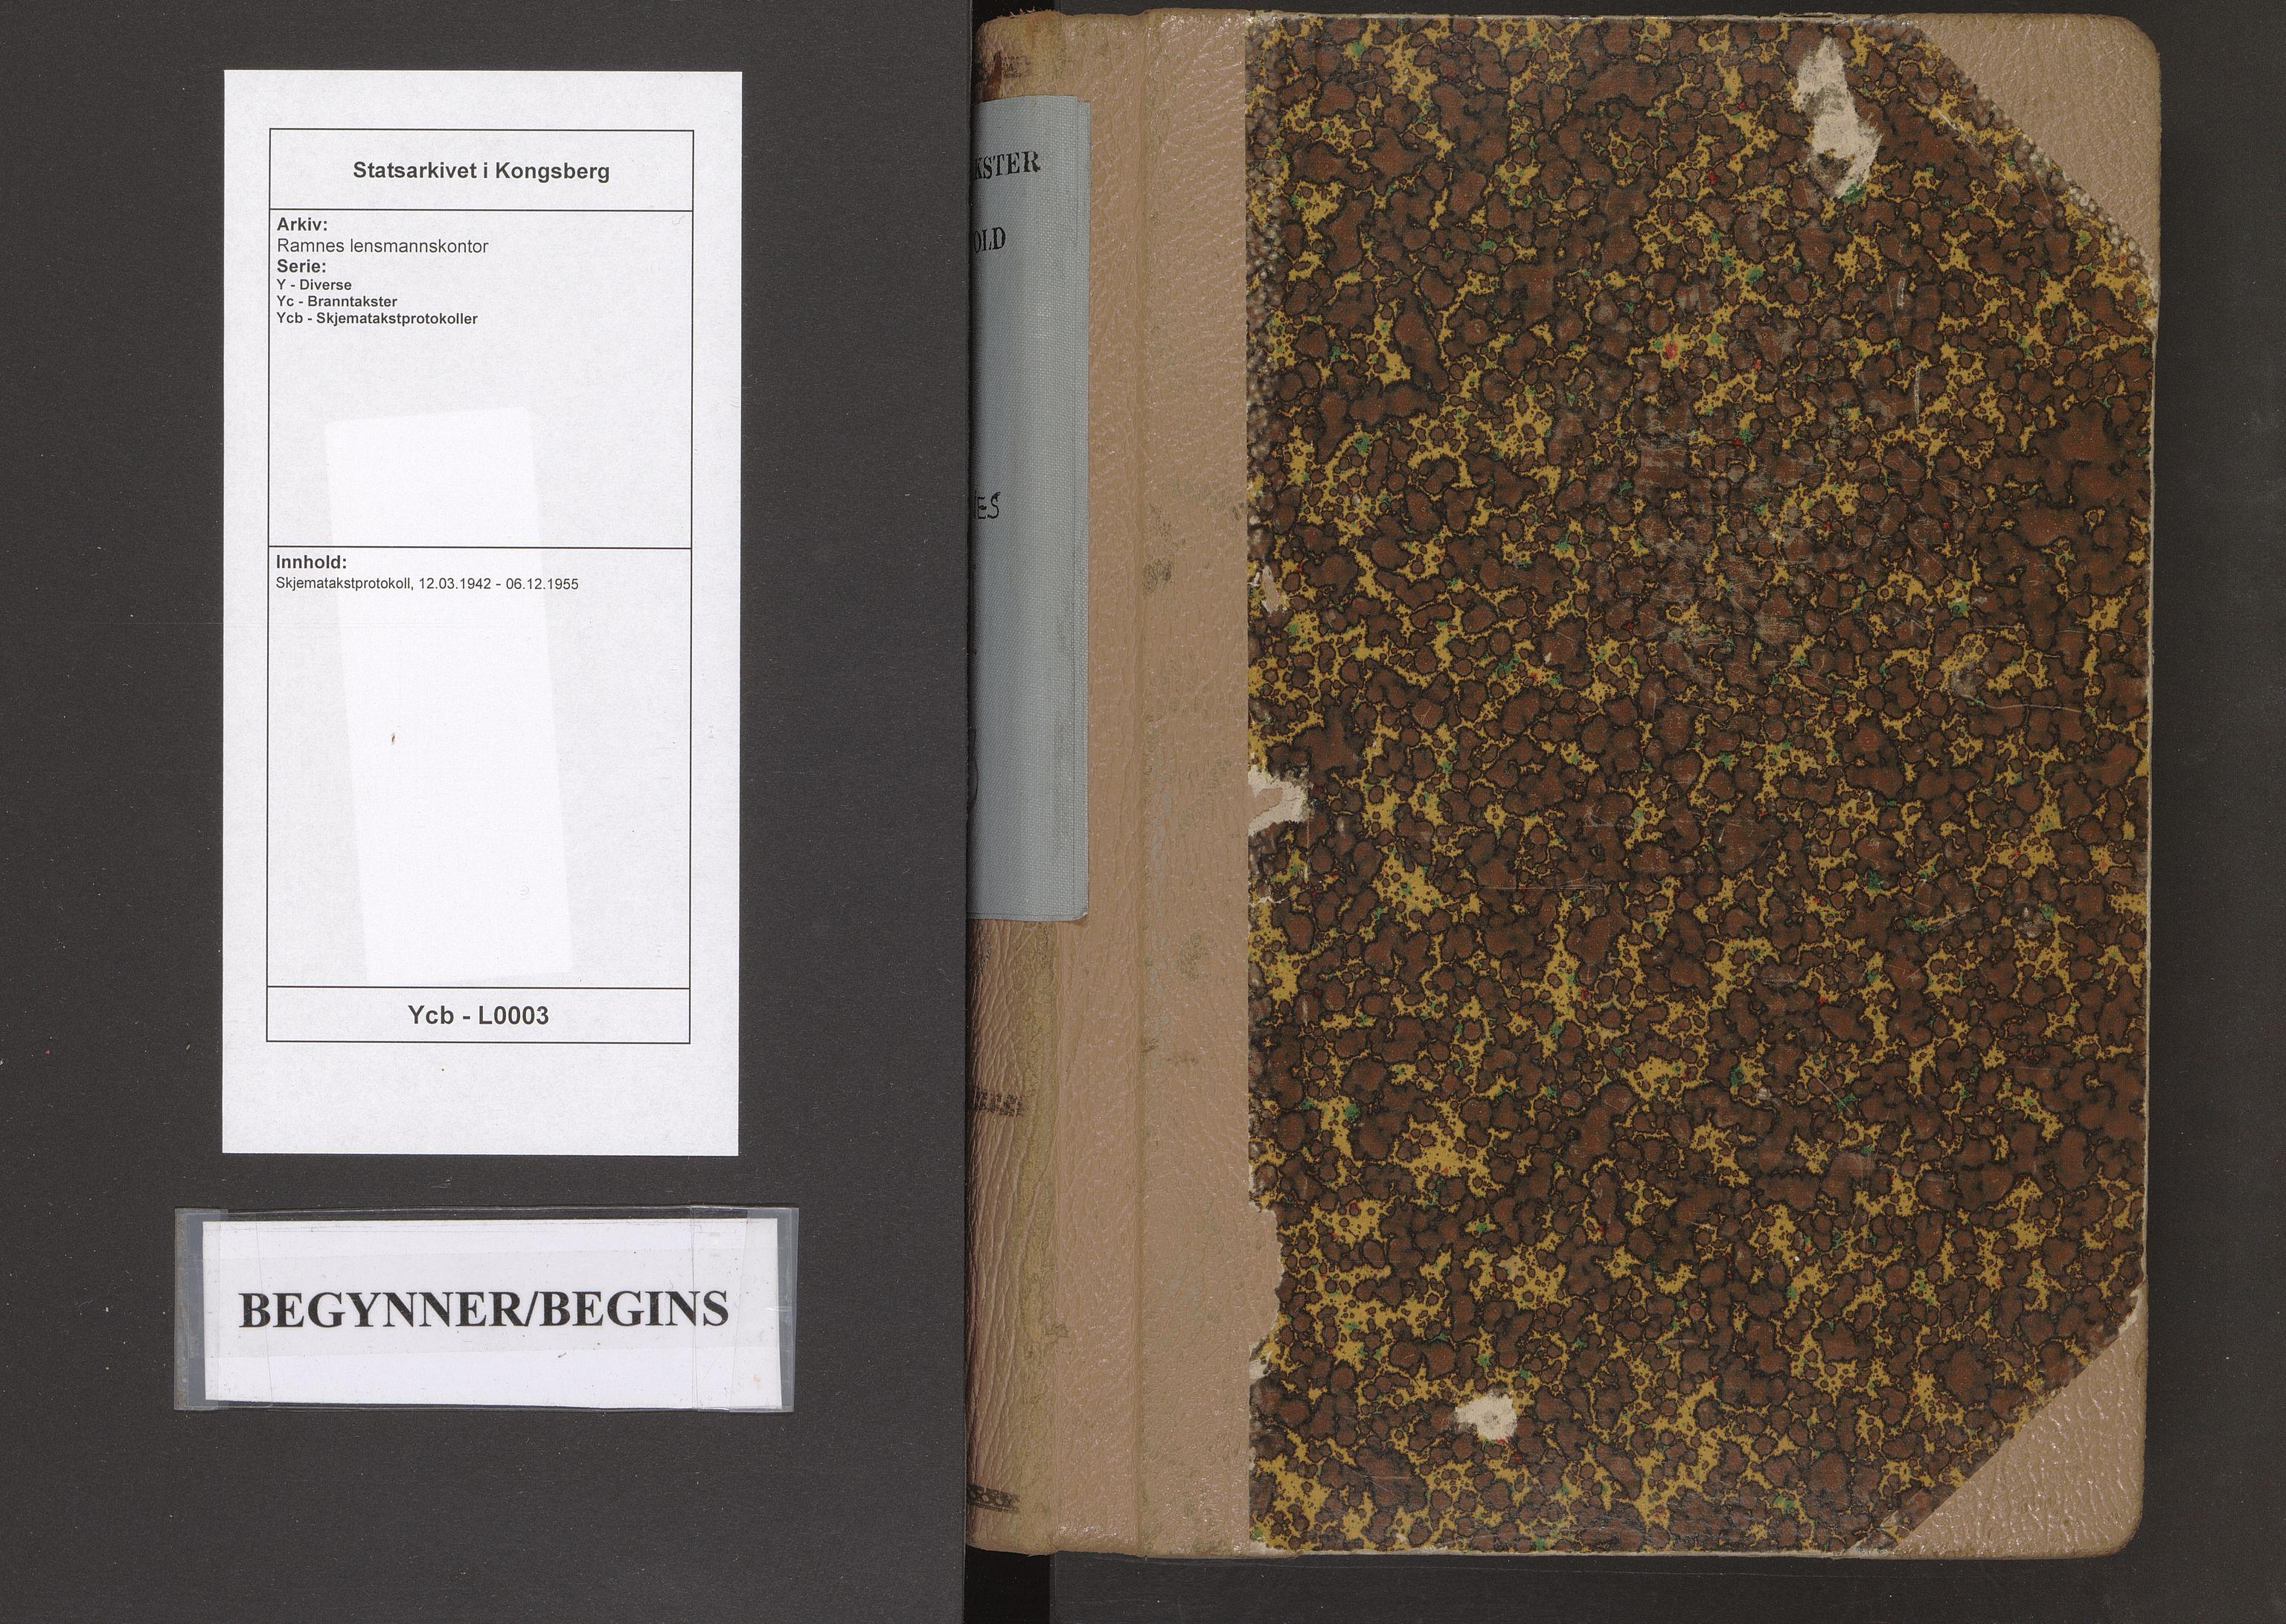 SAKO, Ramnes lensmannskontor, Y/Yc/Ycb/L0003: Skjematakstprotokoll, 1942-1955